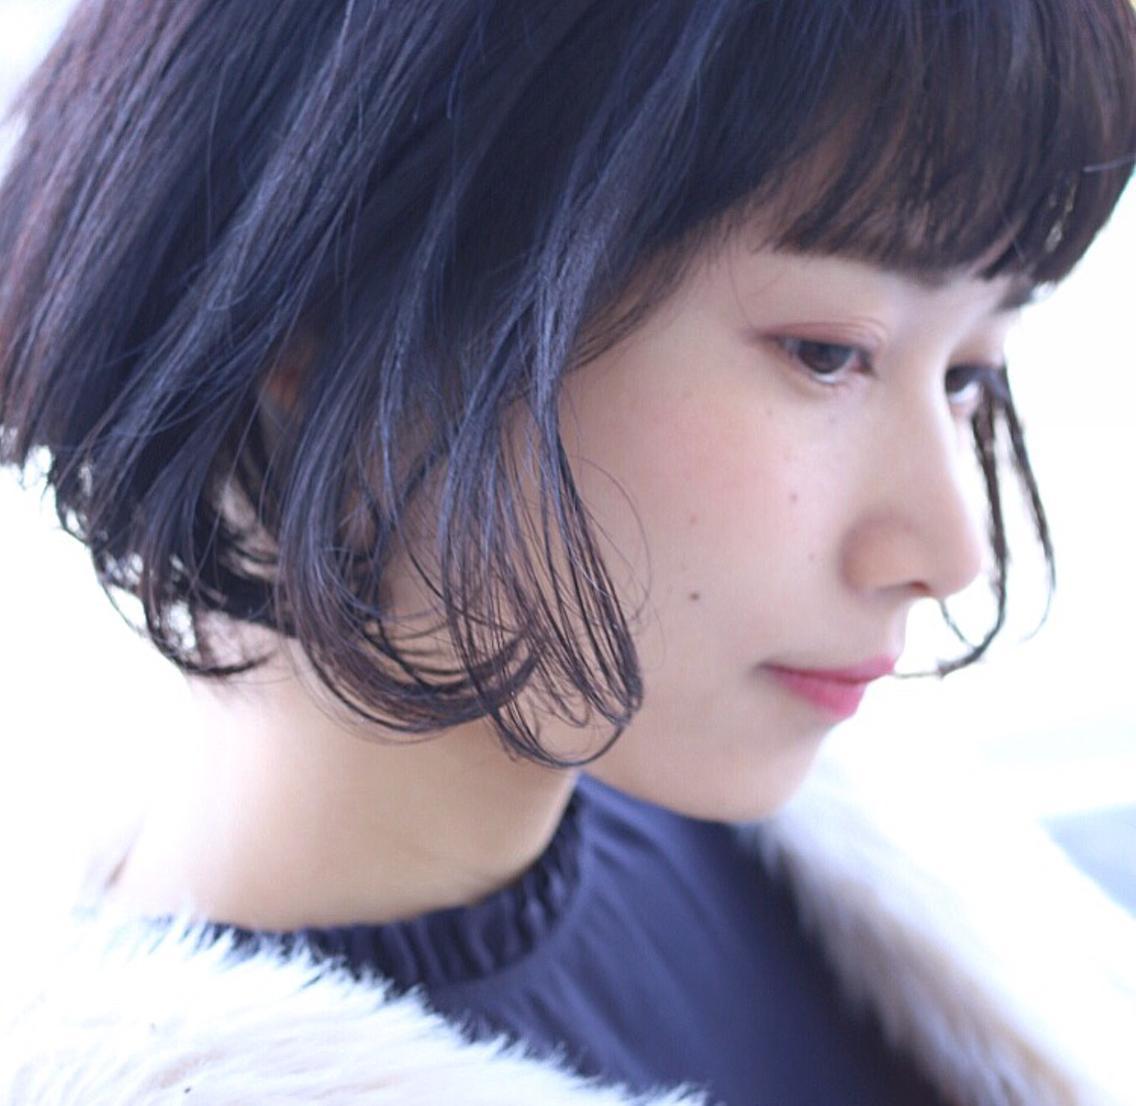 無料カットモデル募集♡女性ショートカットモデル木曜日、日曜日限定19時~